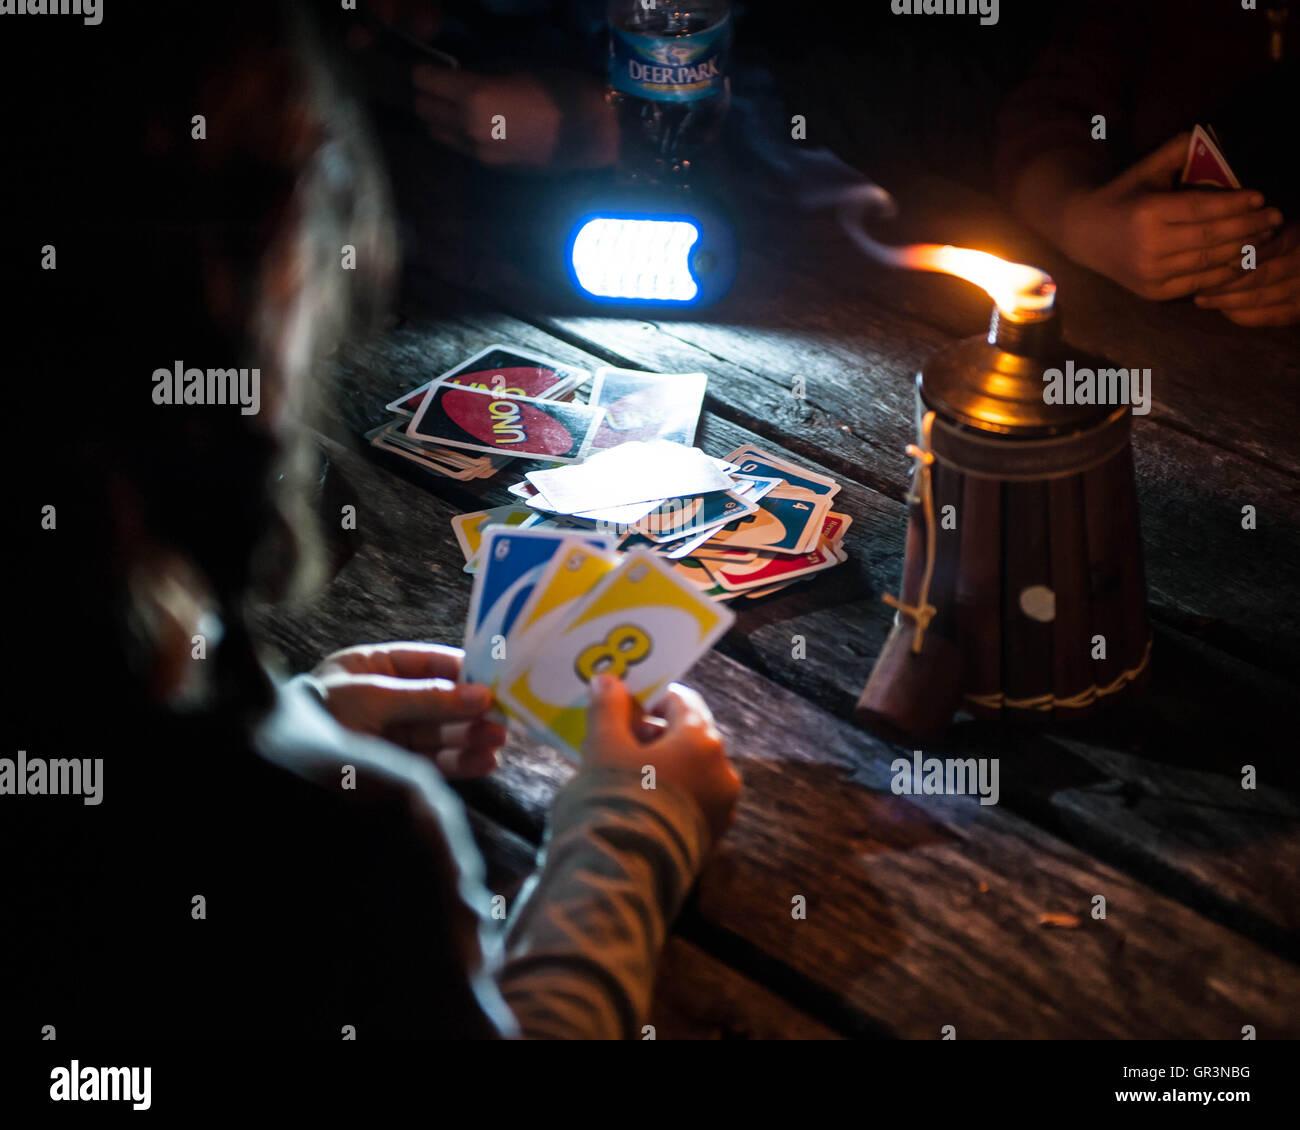 Les enfants jouent le jeu de carte Uno par une bougie d'huile tout en camping à French Creek State Park Photo Stock